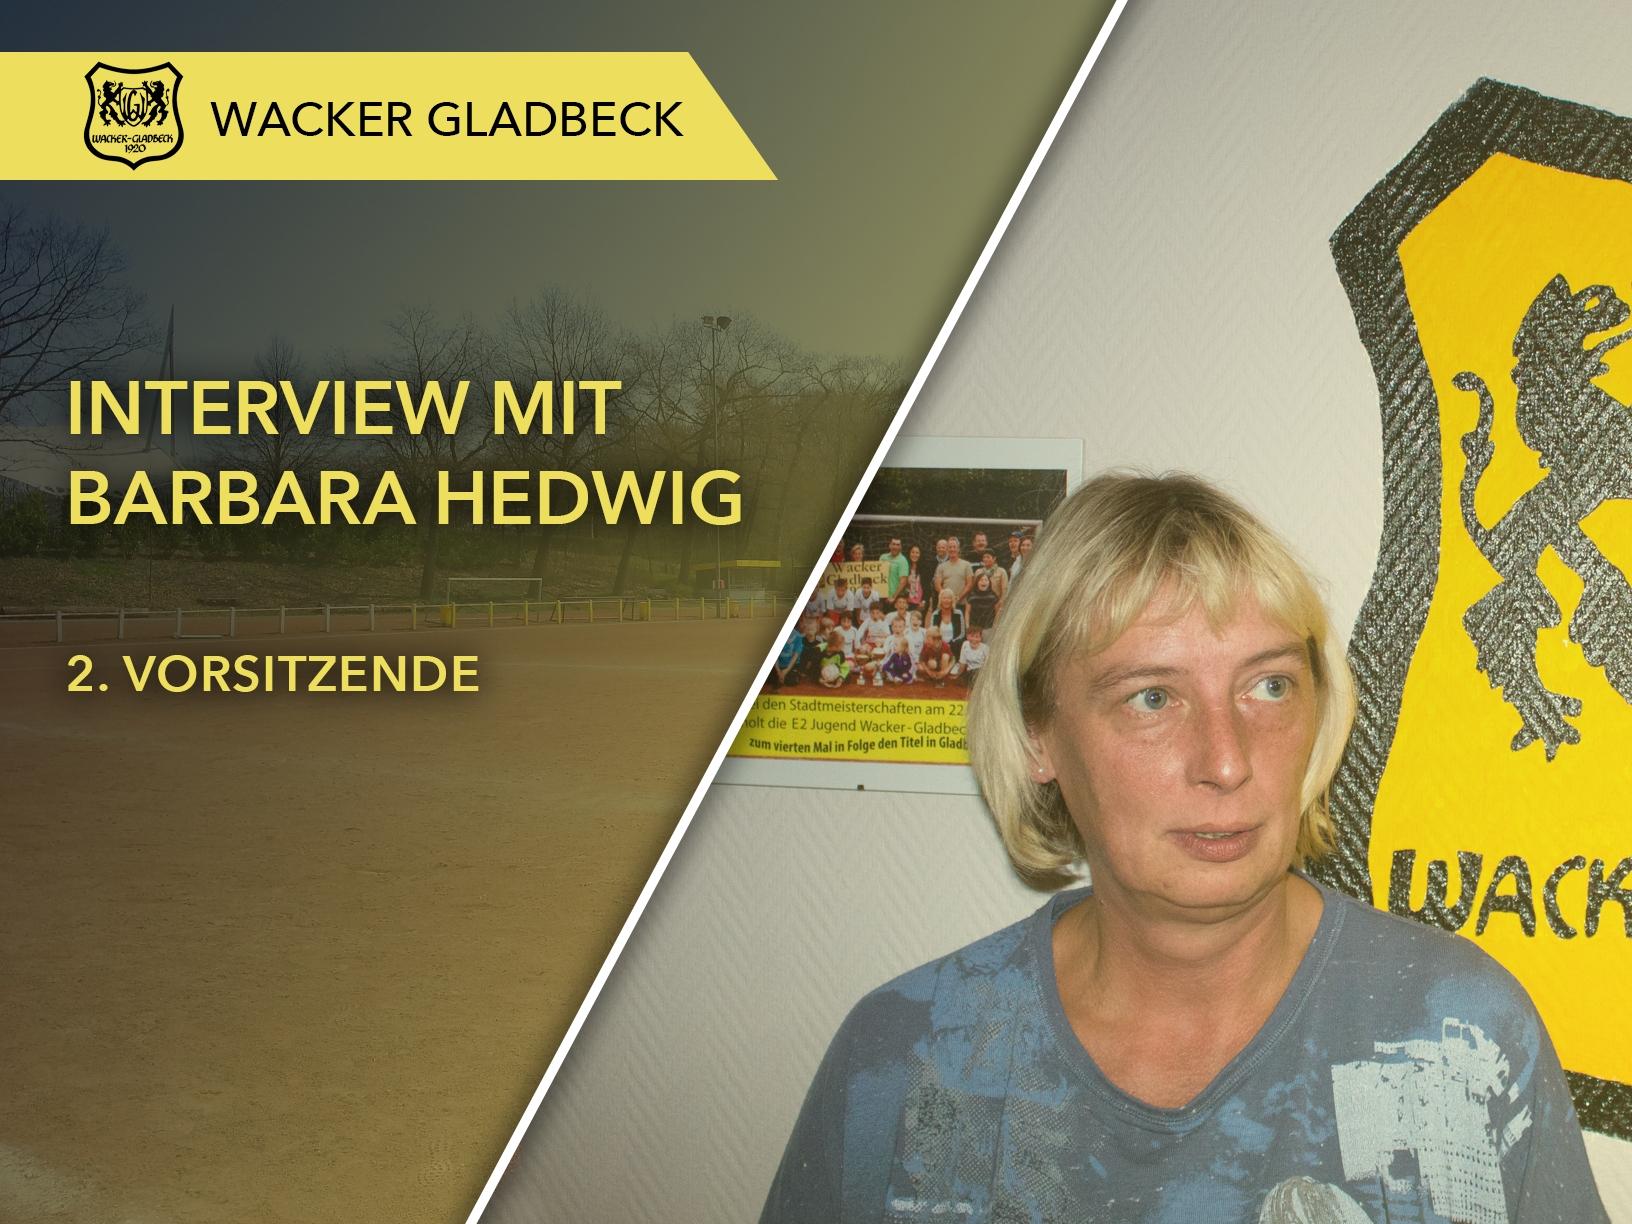 Wacker Gladbeck - Interview mit 2. Vorsitzende Barbara Hedwig